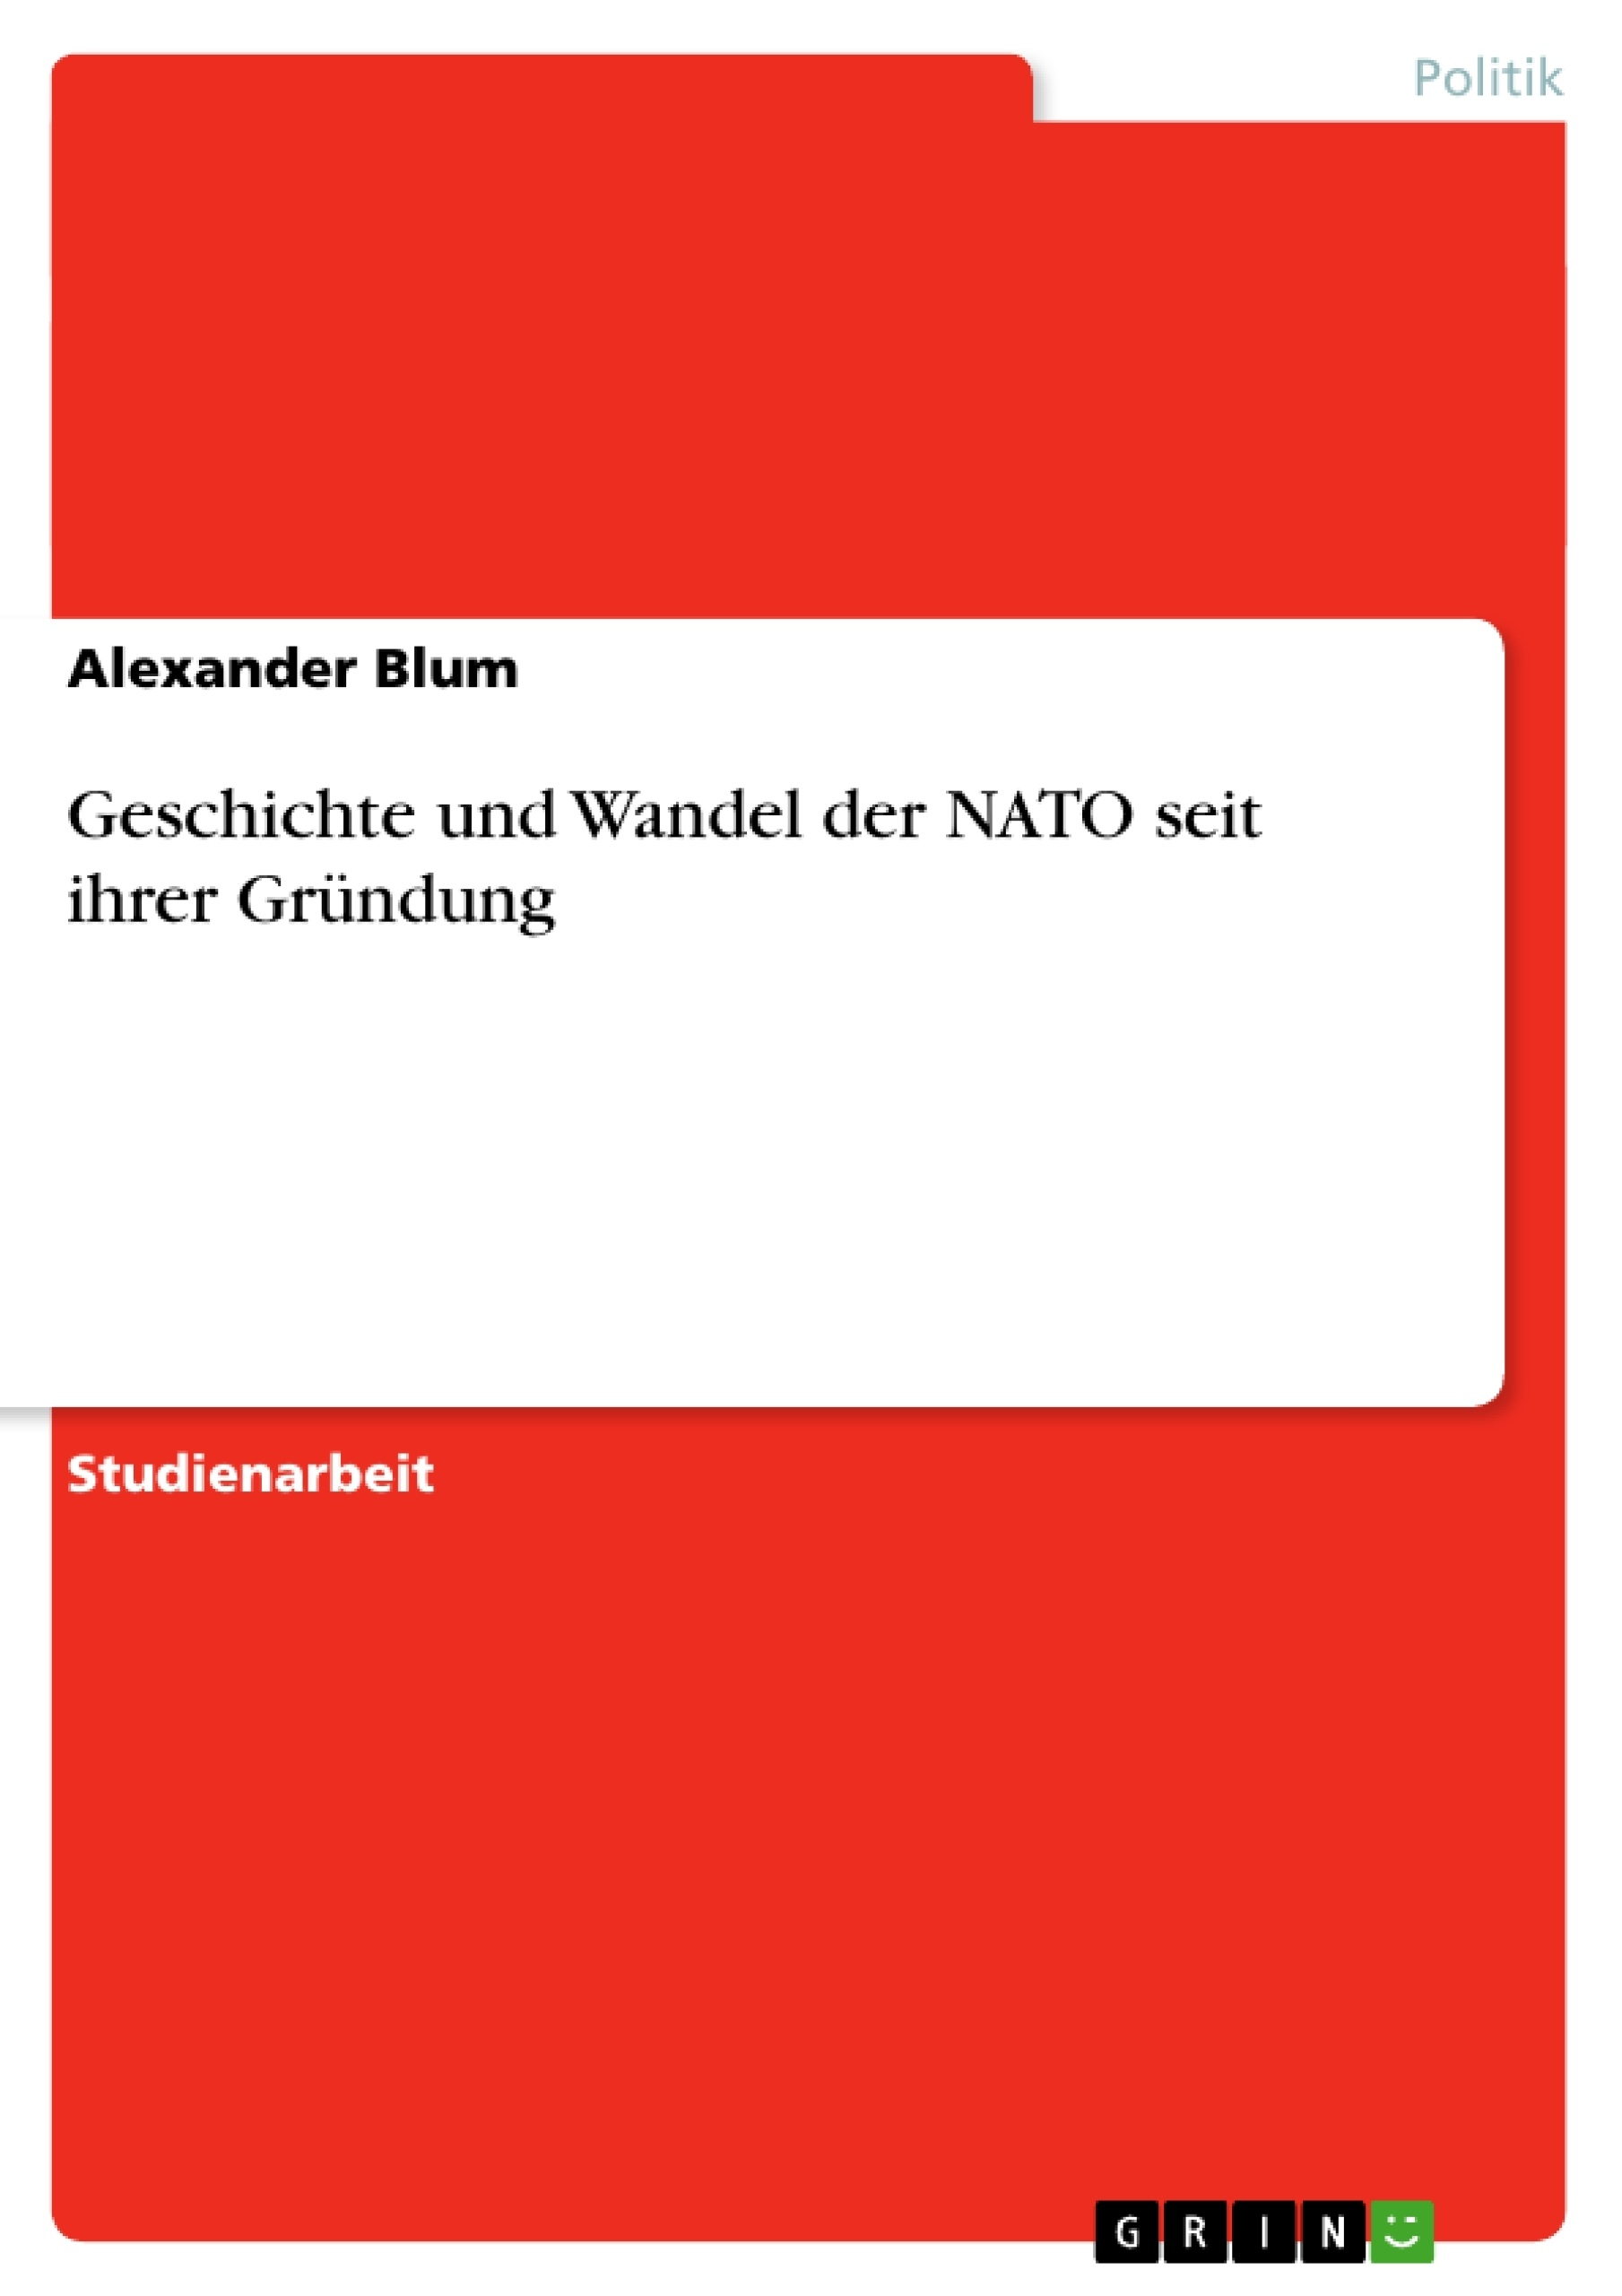 Titel: Geschichte und Wandel der NATO seit ihrer Gründung